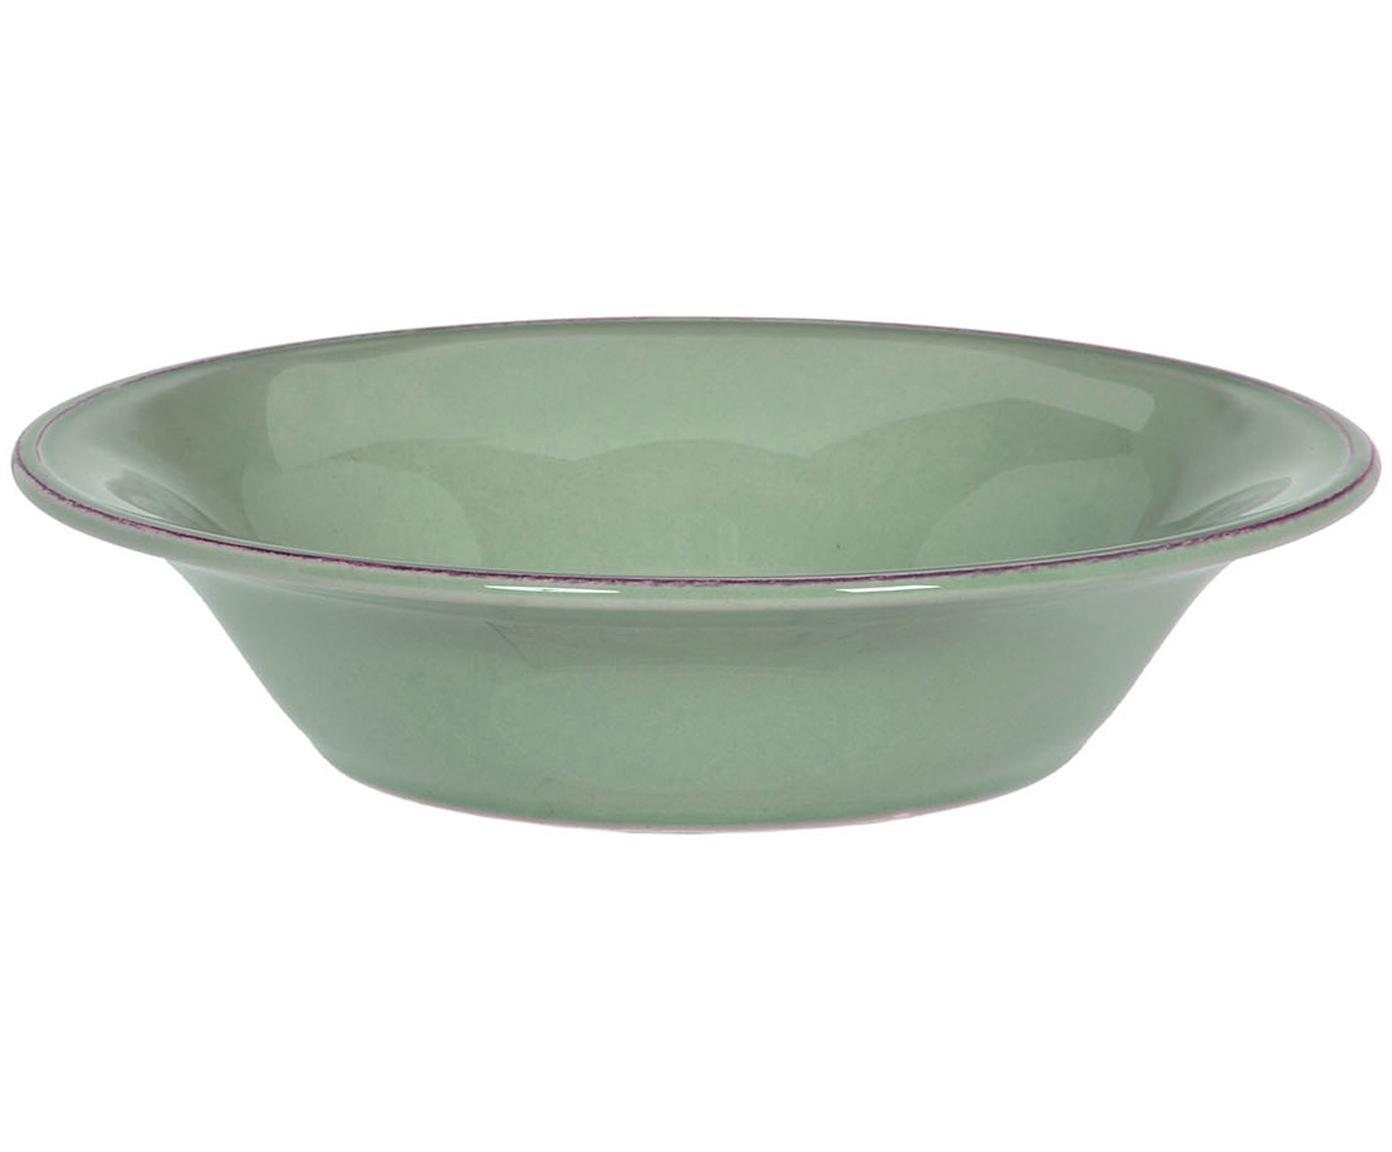 Miska Constance, 2 szt., Ceramika, Szałwiowa zieleń, Ø 19 x W 5 cm